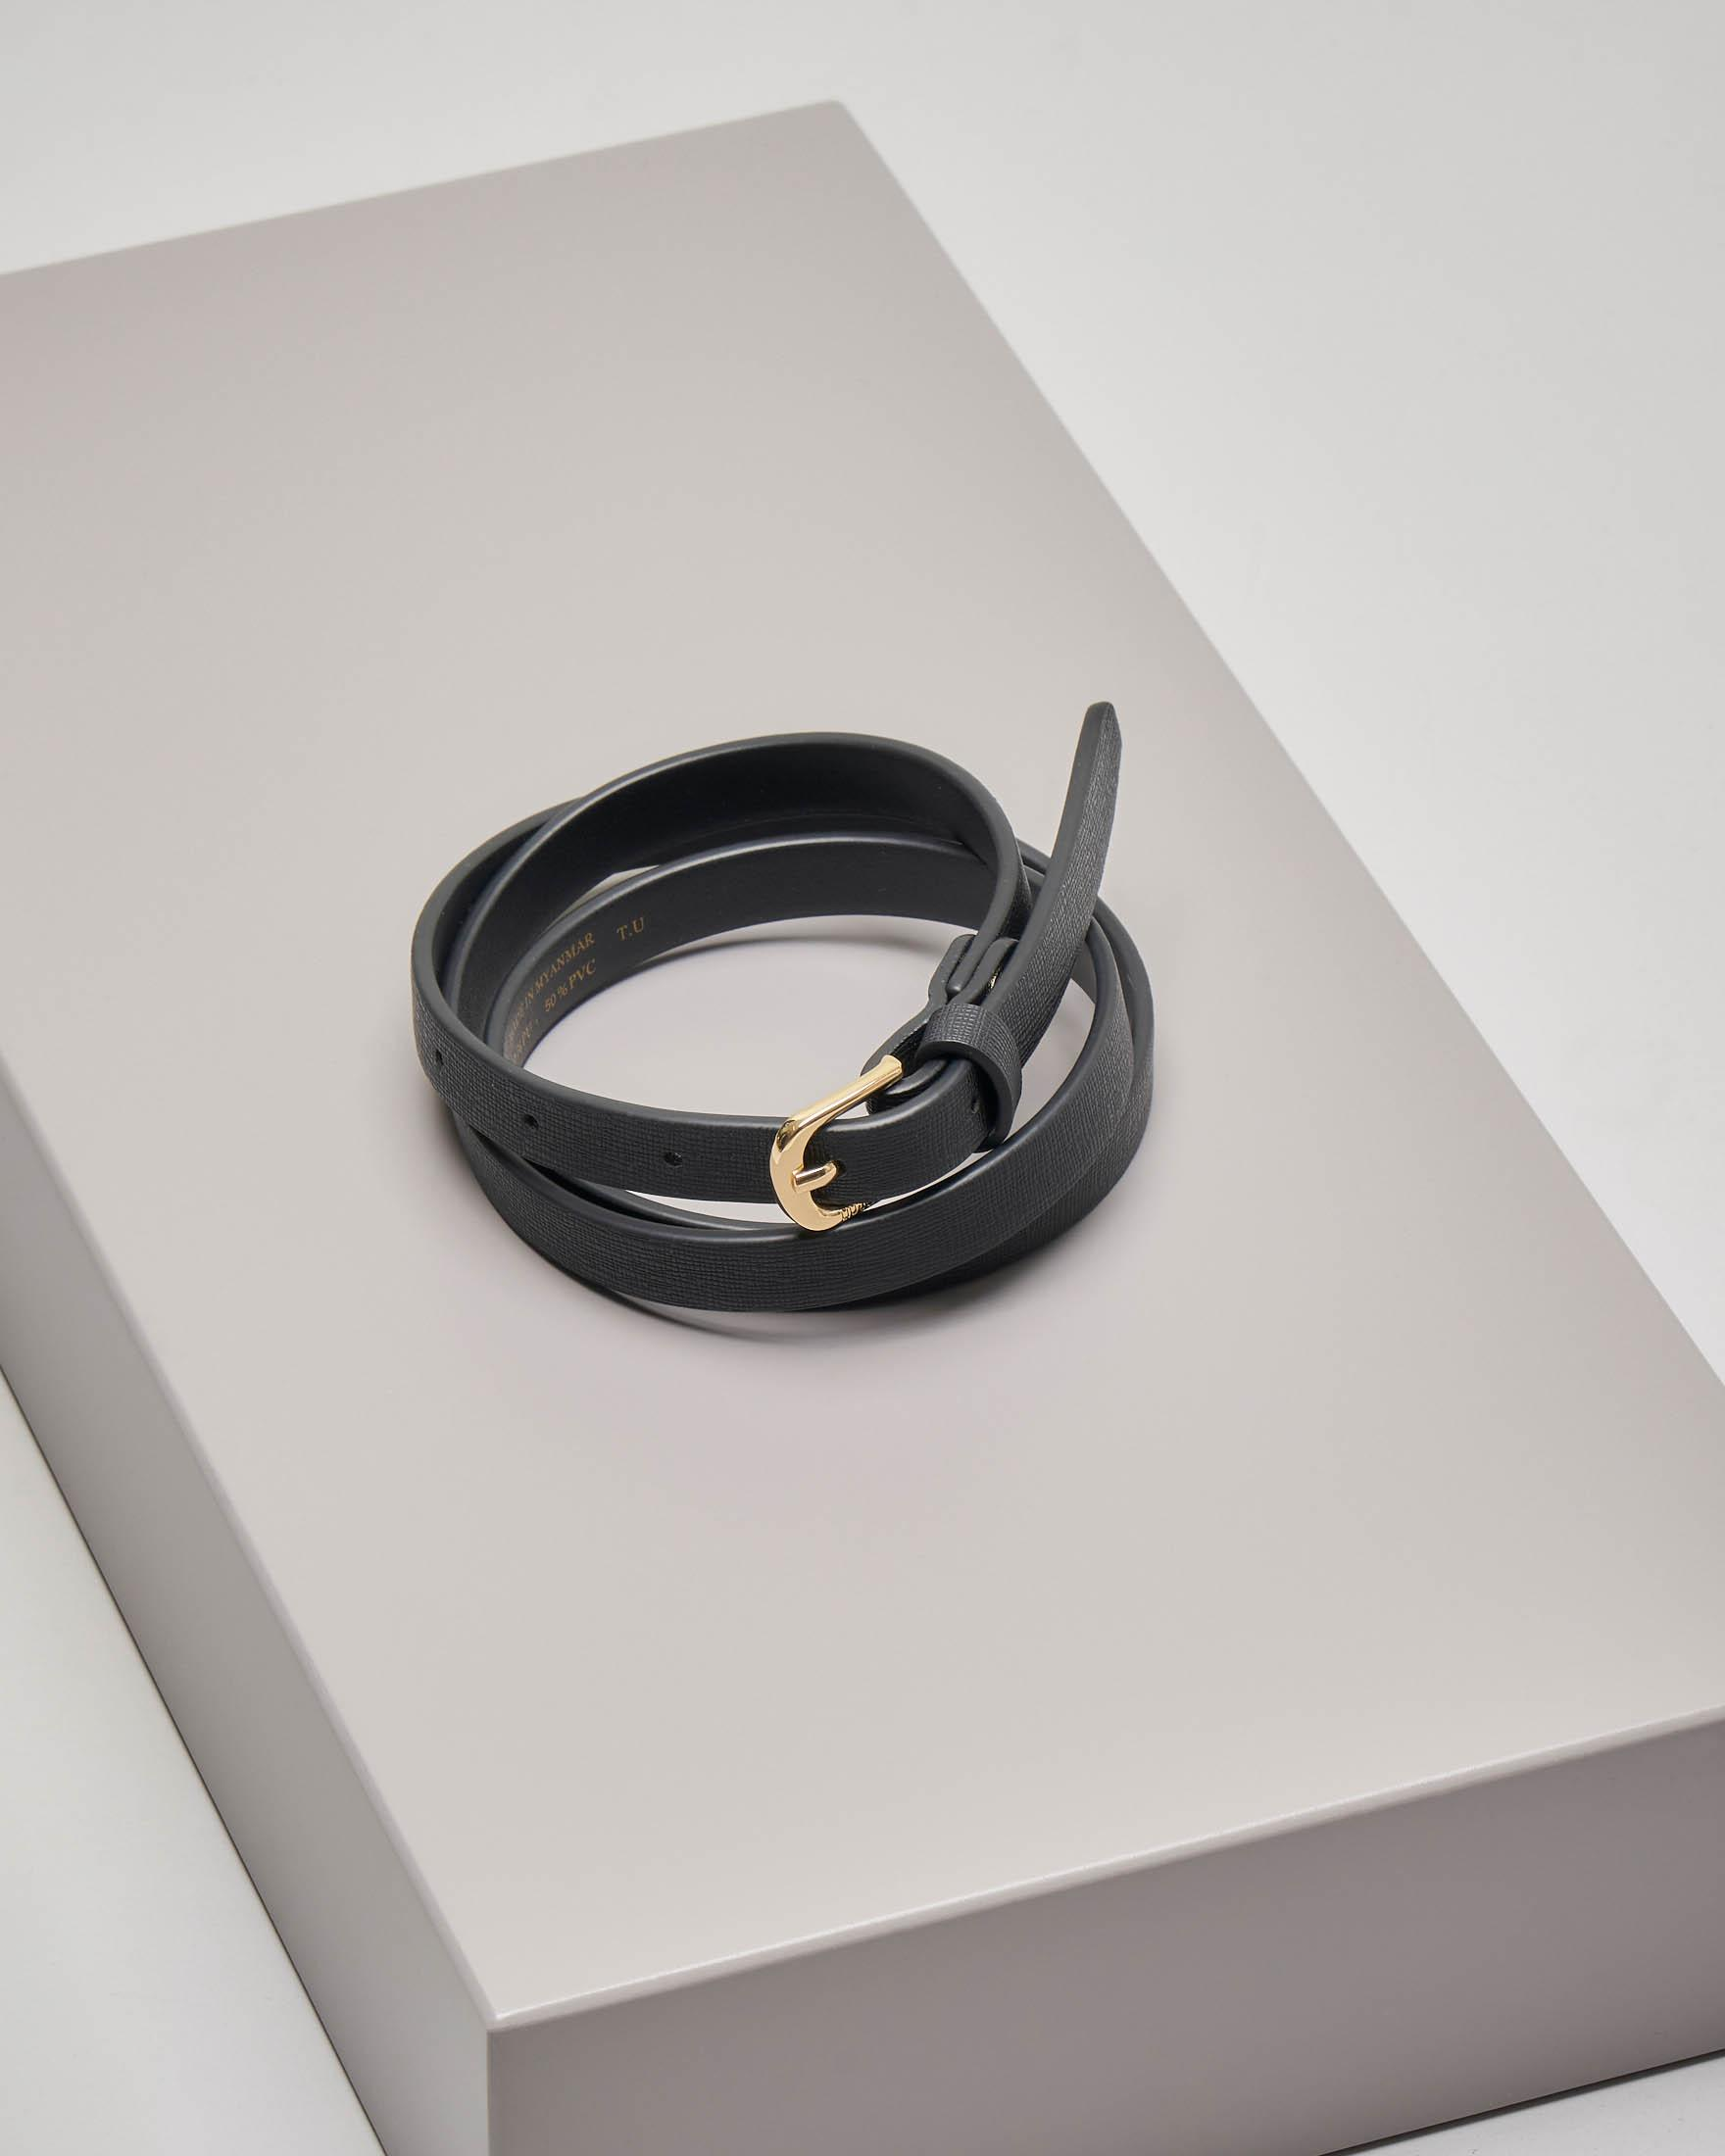 Cintura in similpelle nera effetto saffiano con fibbia dorata